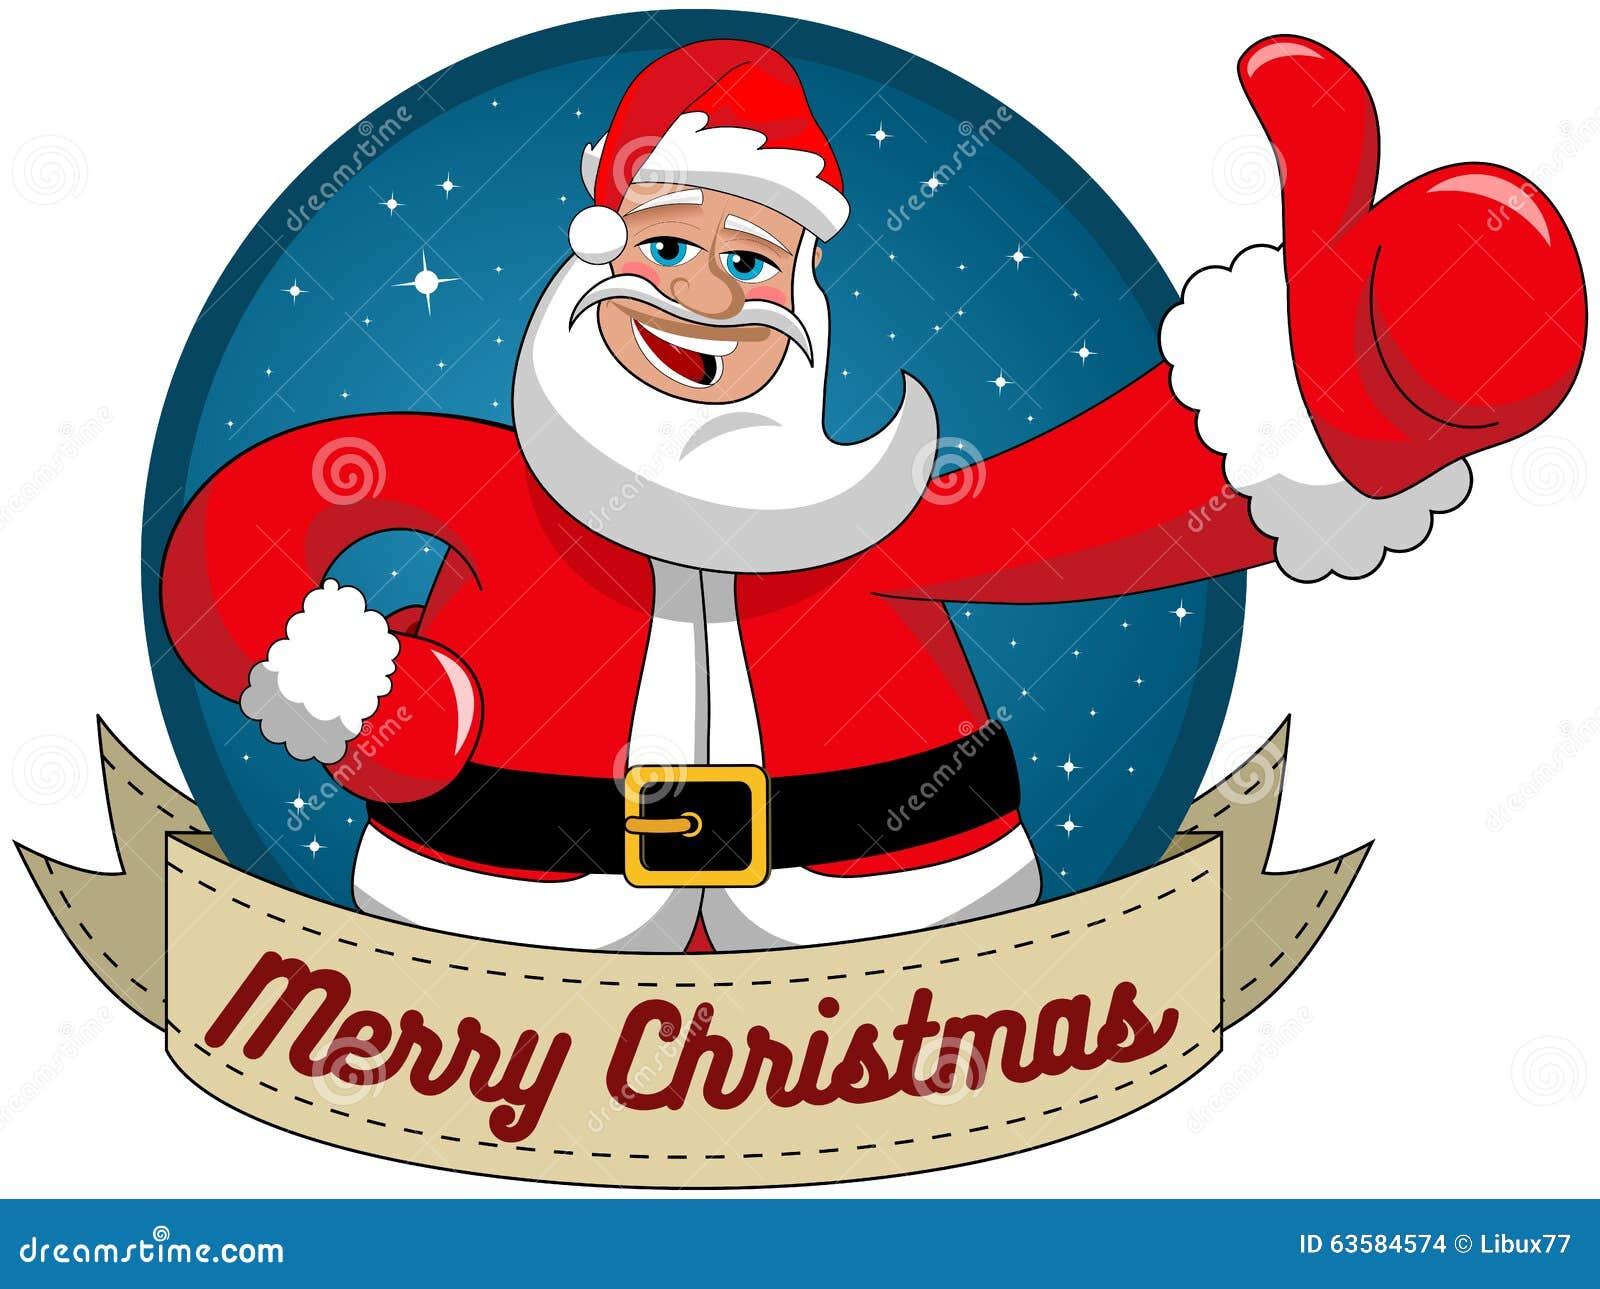 Santa Claus, Die Frohen Weihnachten Runden Rahmen Wünscht Vektor ...